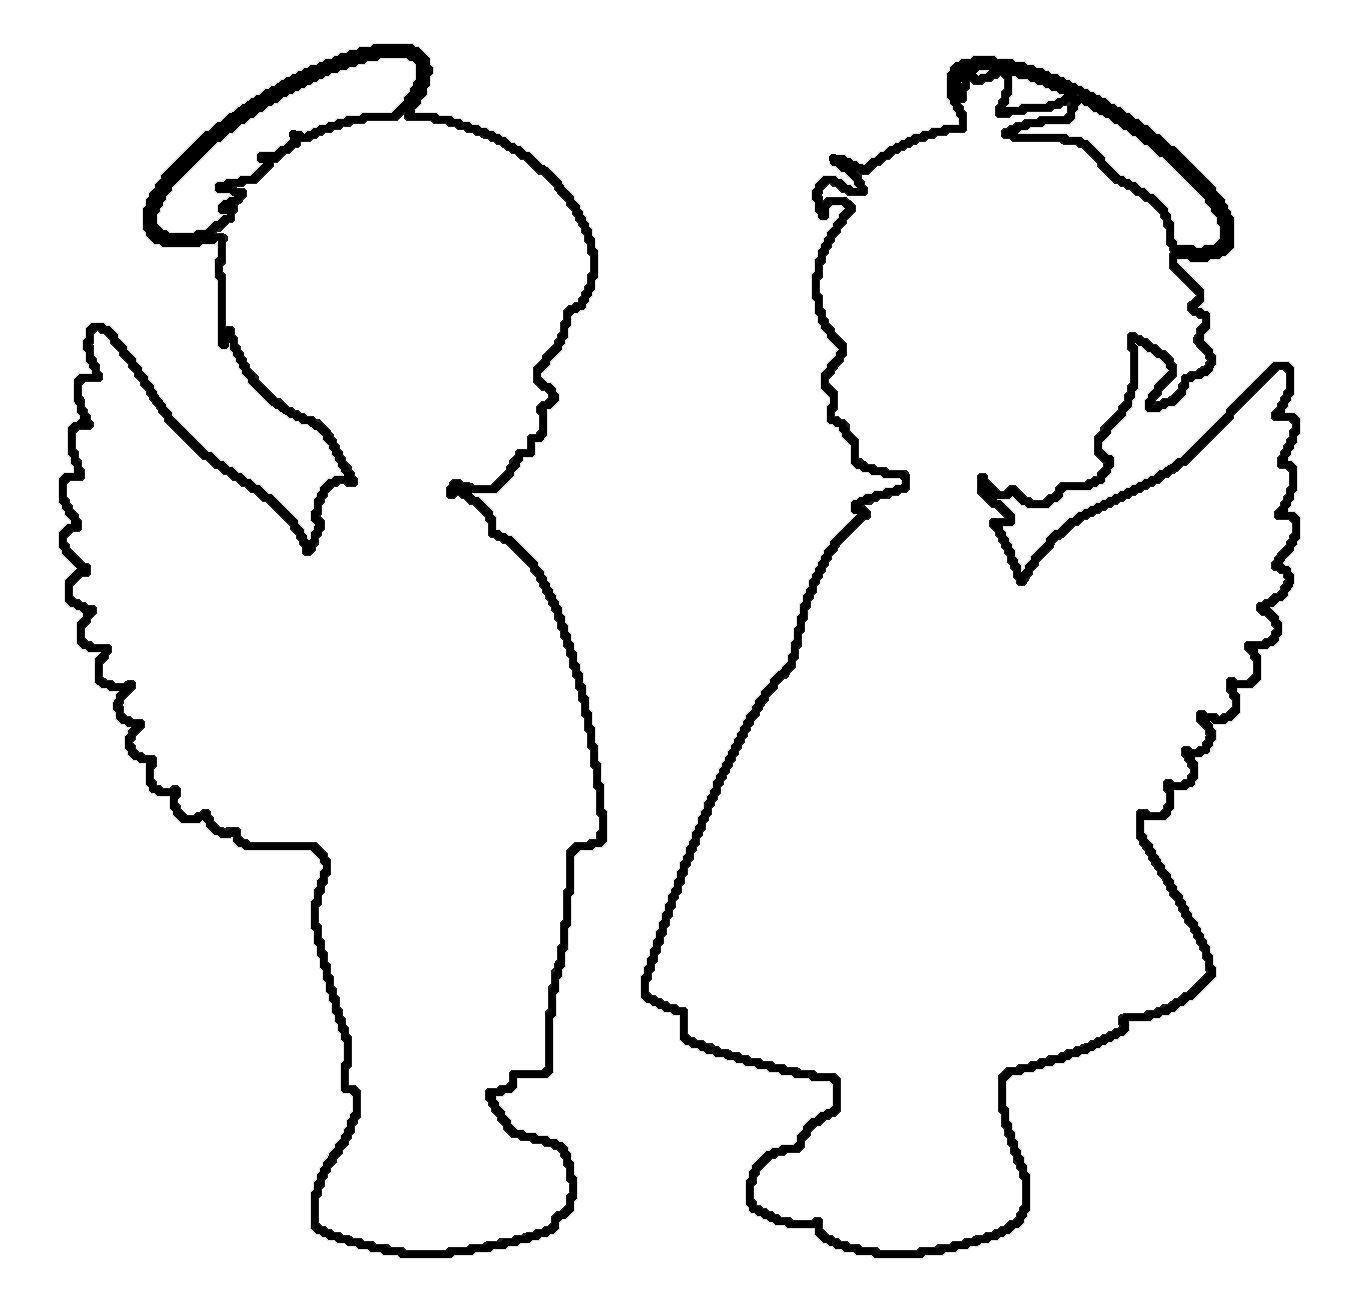 сама сообразила новогодние ангелочки картинки для вырезания из бумаги продуктами приезжают